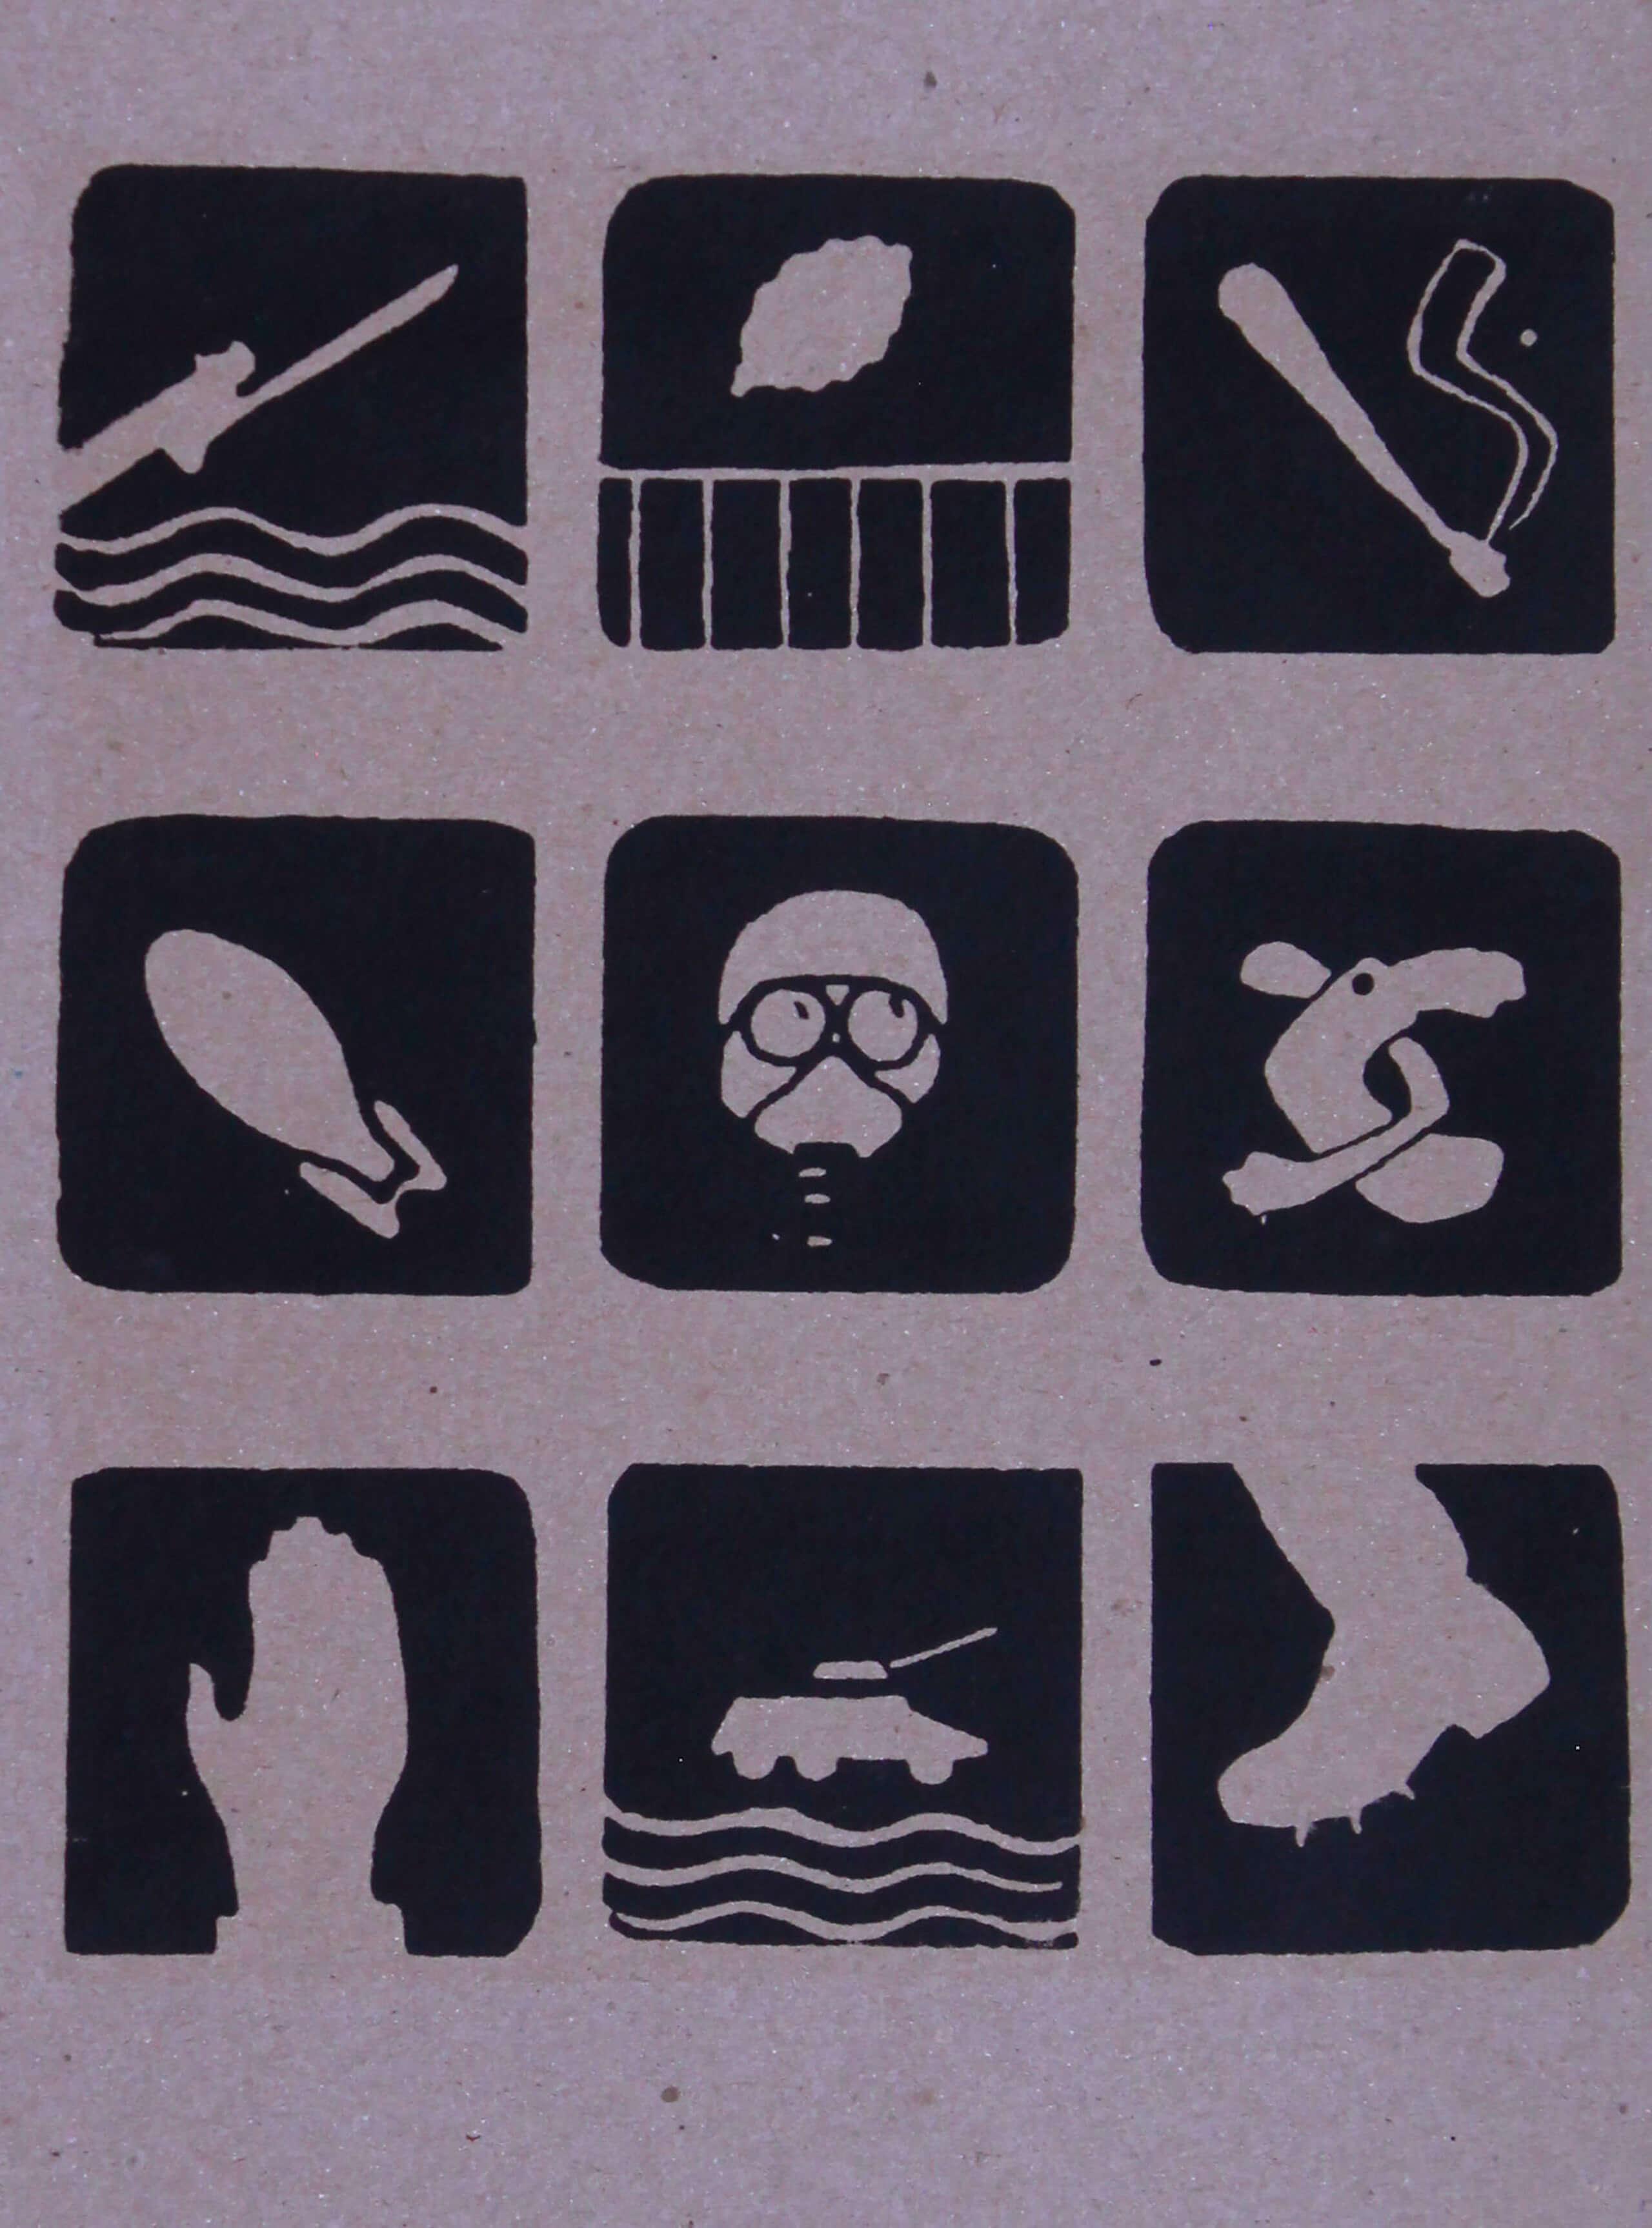 Sin título, 9 íconos | La demanda inasumible. Imaginación social y autogestión gráfica en México, 1968-2018 | Museo Amparo, Puebla